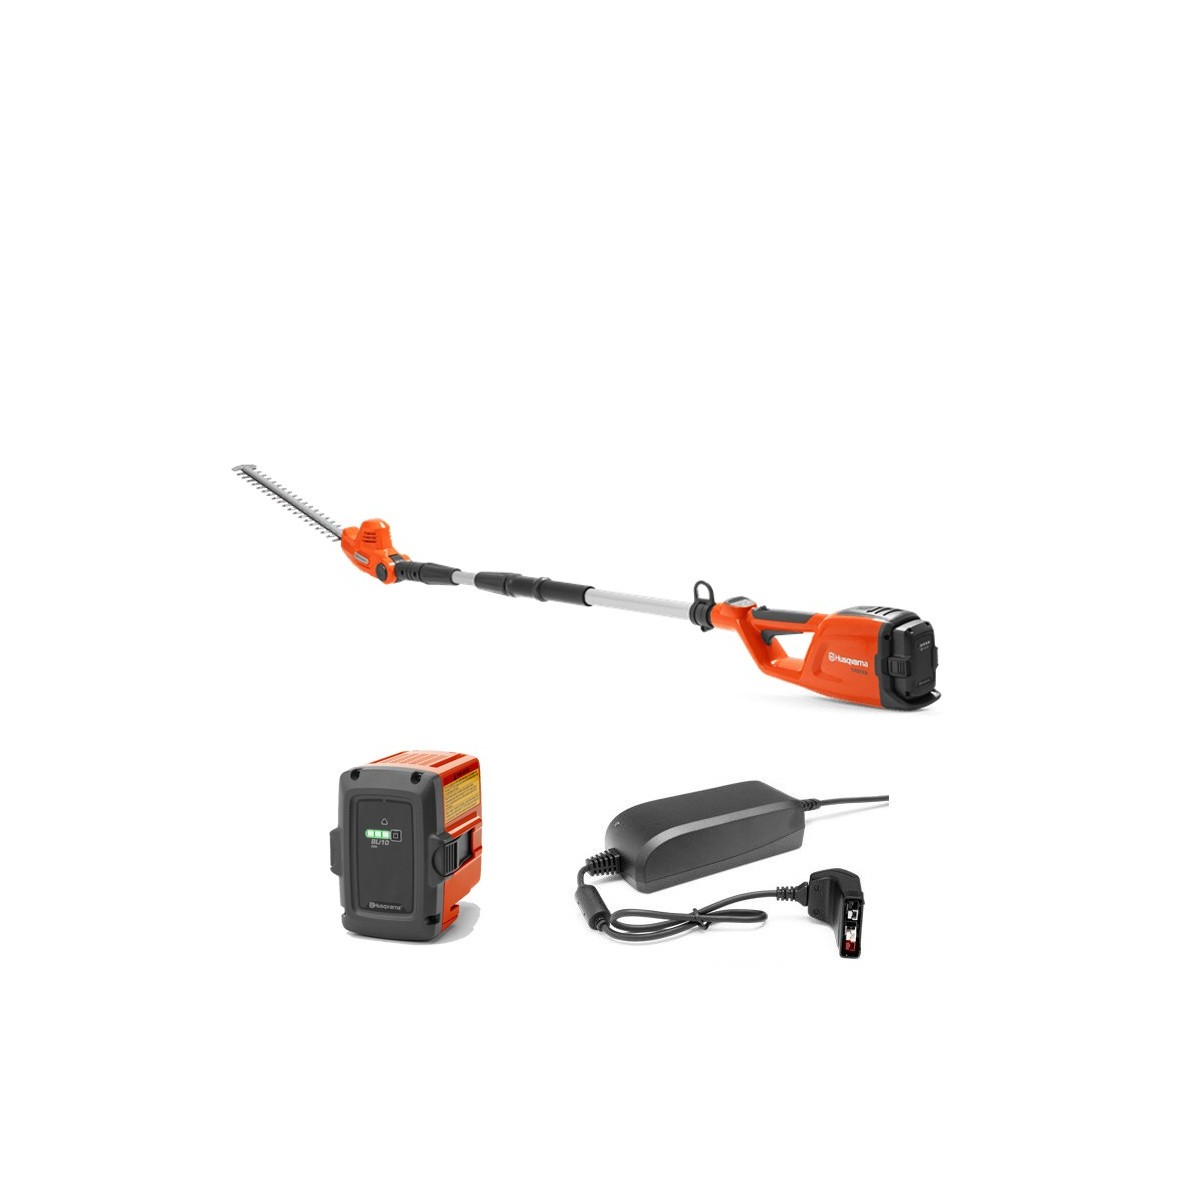 Husqvarna  cortasetos altura bateria-36v 120itk4+h kit (bat y cargador)